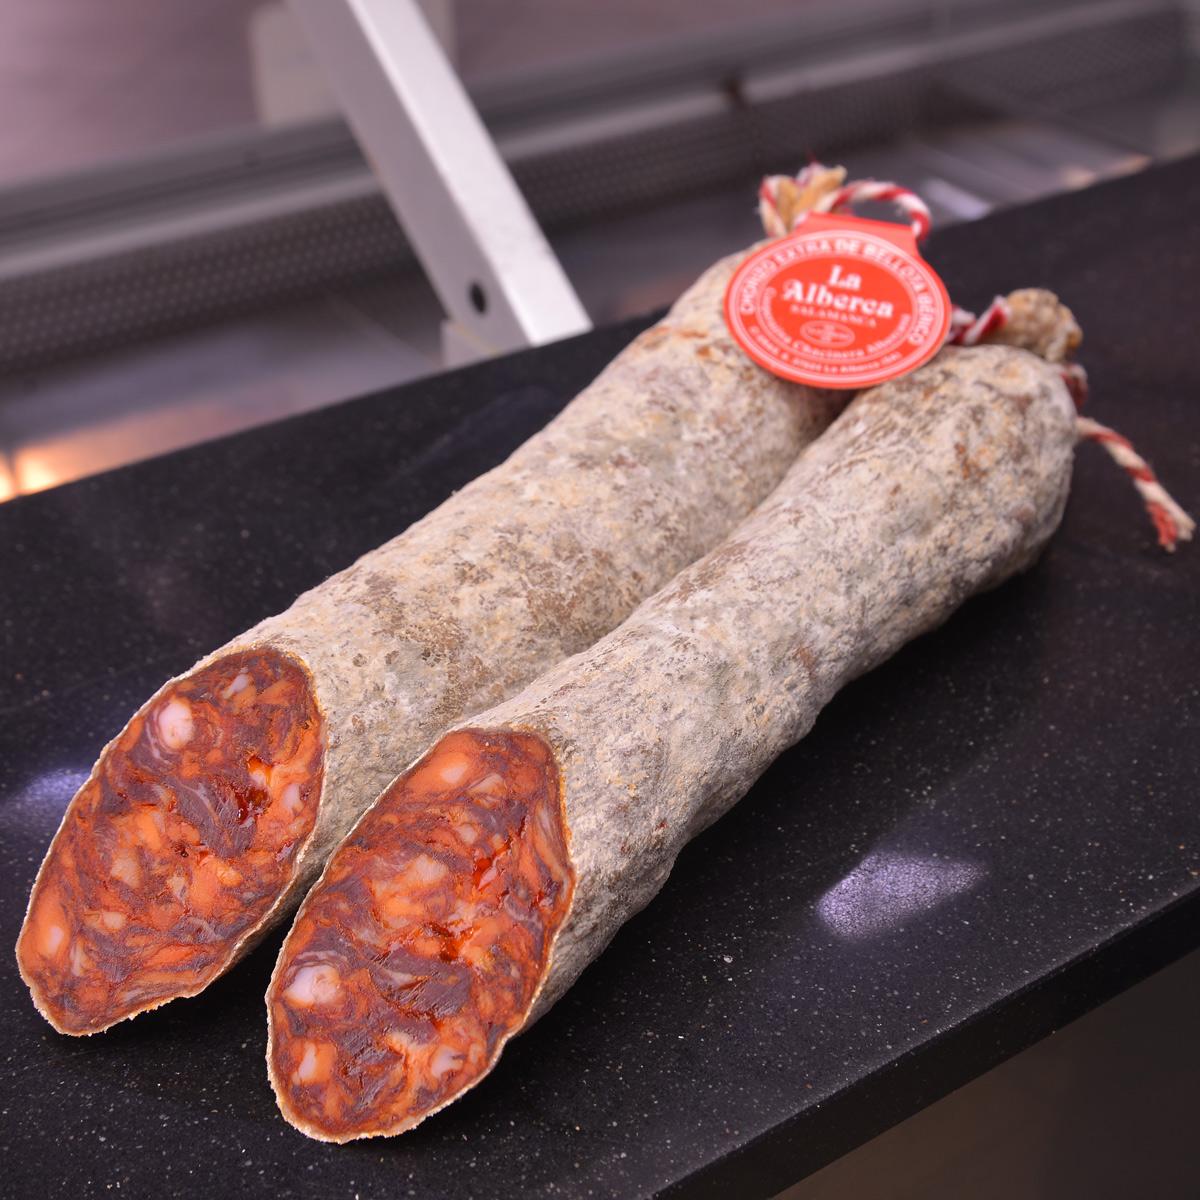 Чоризо – что это такое и состав колбасы, пошаговые рецепты приготовления в домашних условиях с фото